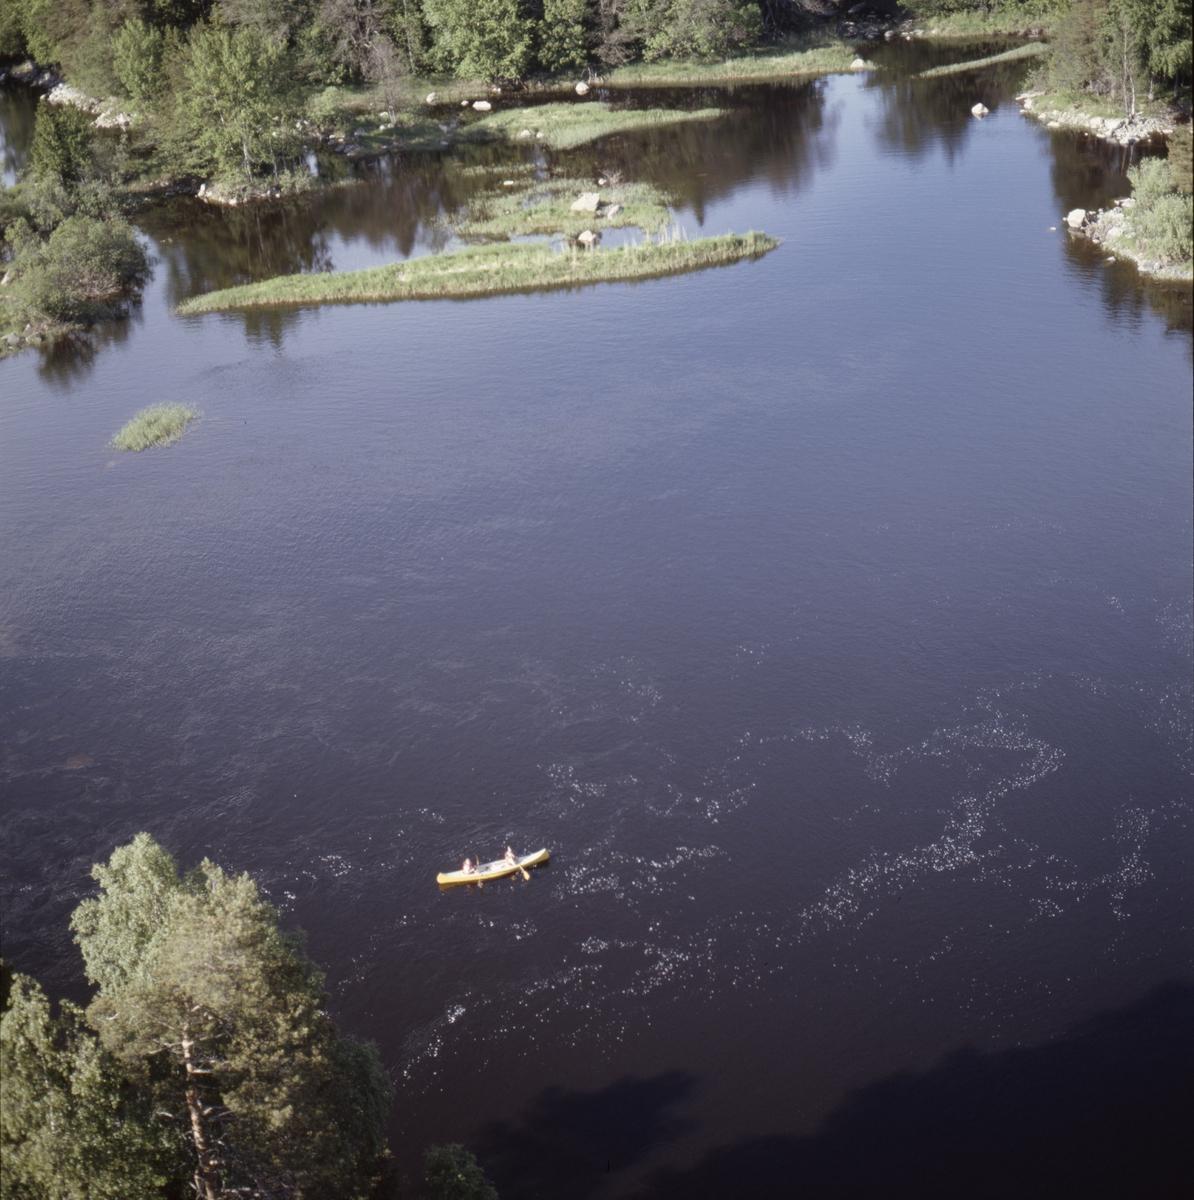 Vy över Storfjärden, Älvkarleby socken, Uppland, juni 1989